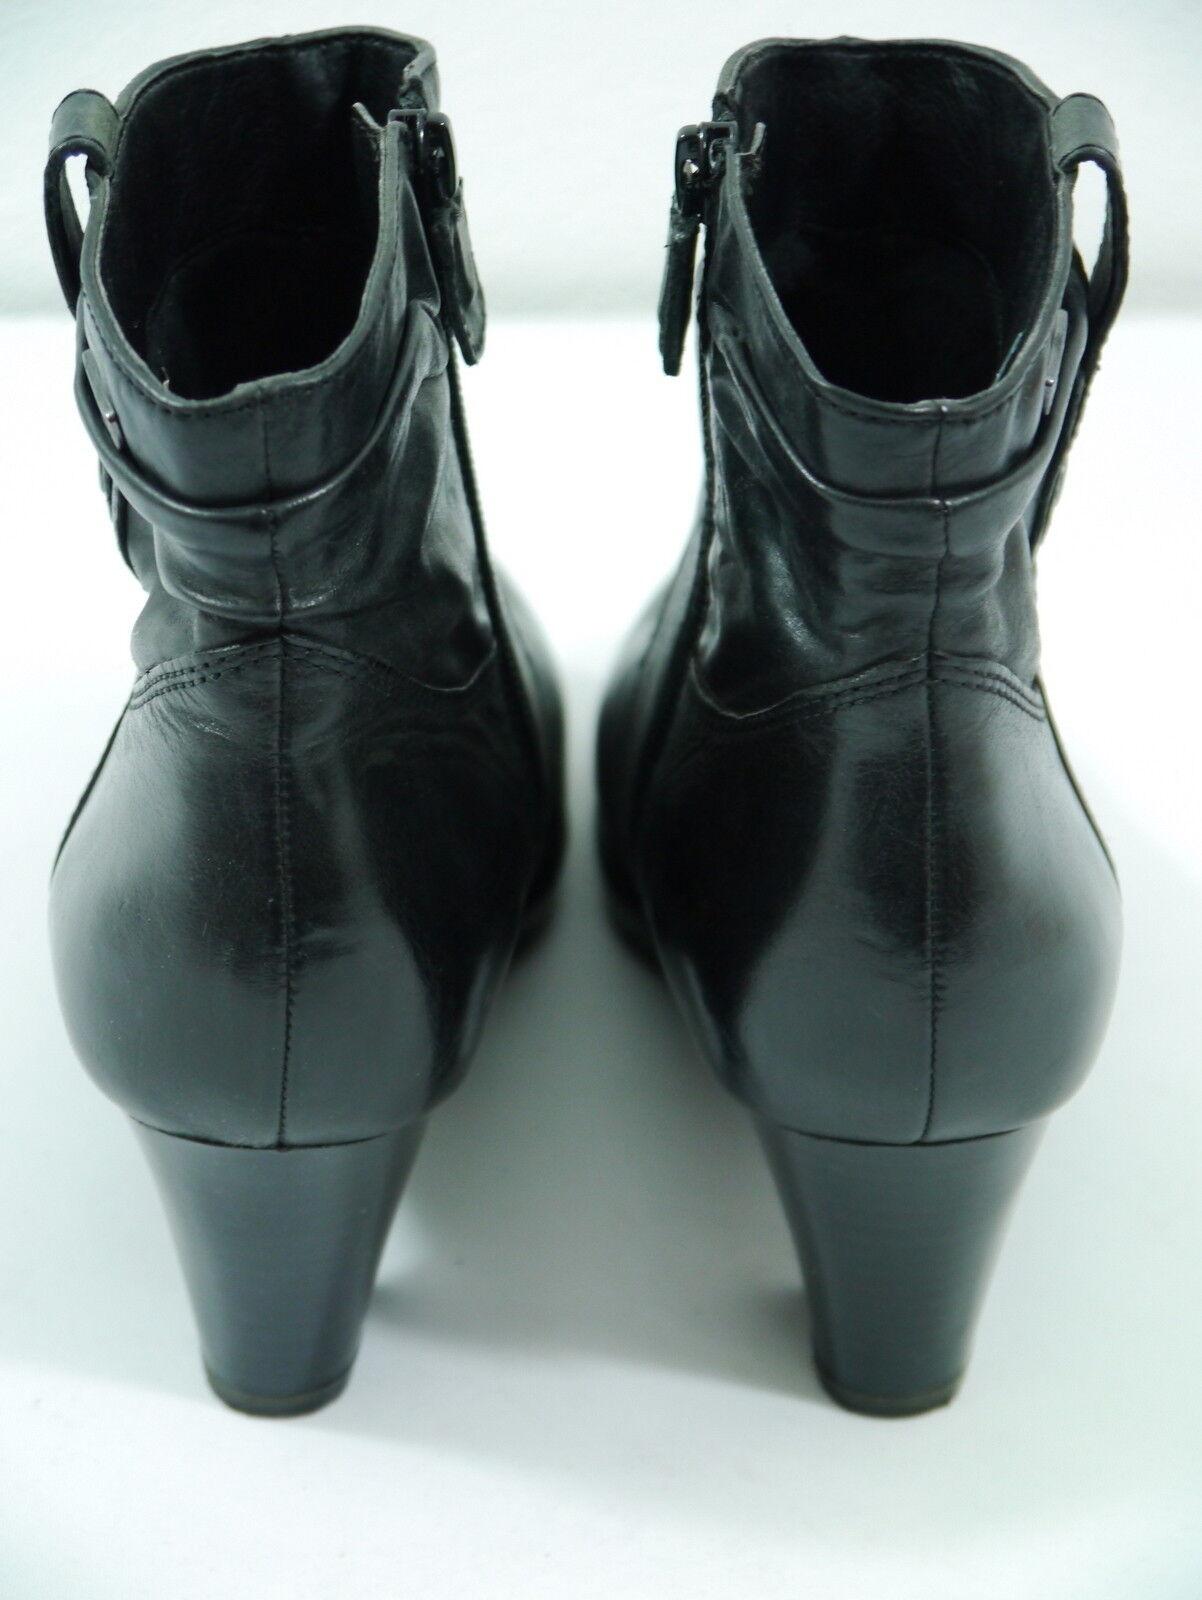 Jana Fashion bequeme Da. Stiefelette 2500-3-013-10 schwarz NEU Gr. 5 1/2=38,5 G NEU schwarz a80d64